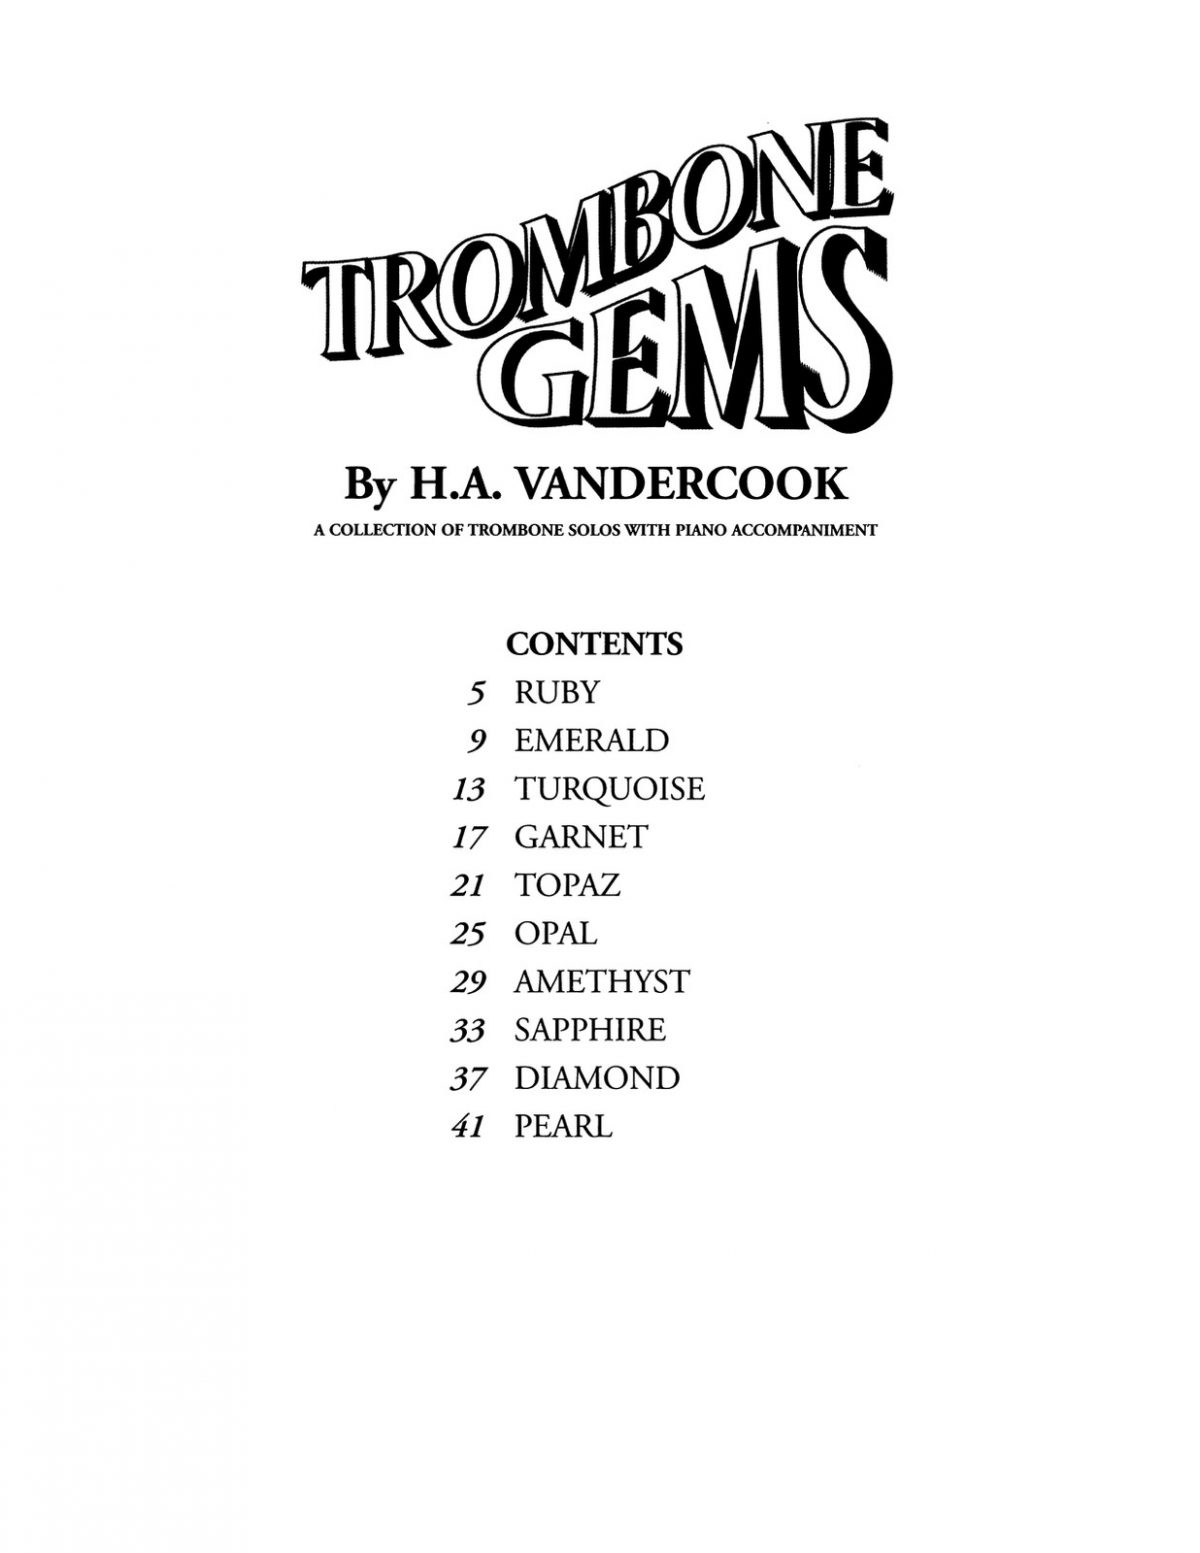 Vandercook, Trombone Gems-p03